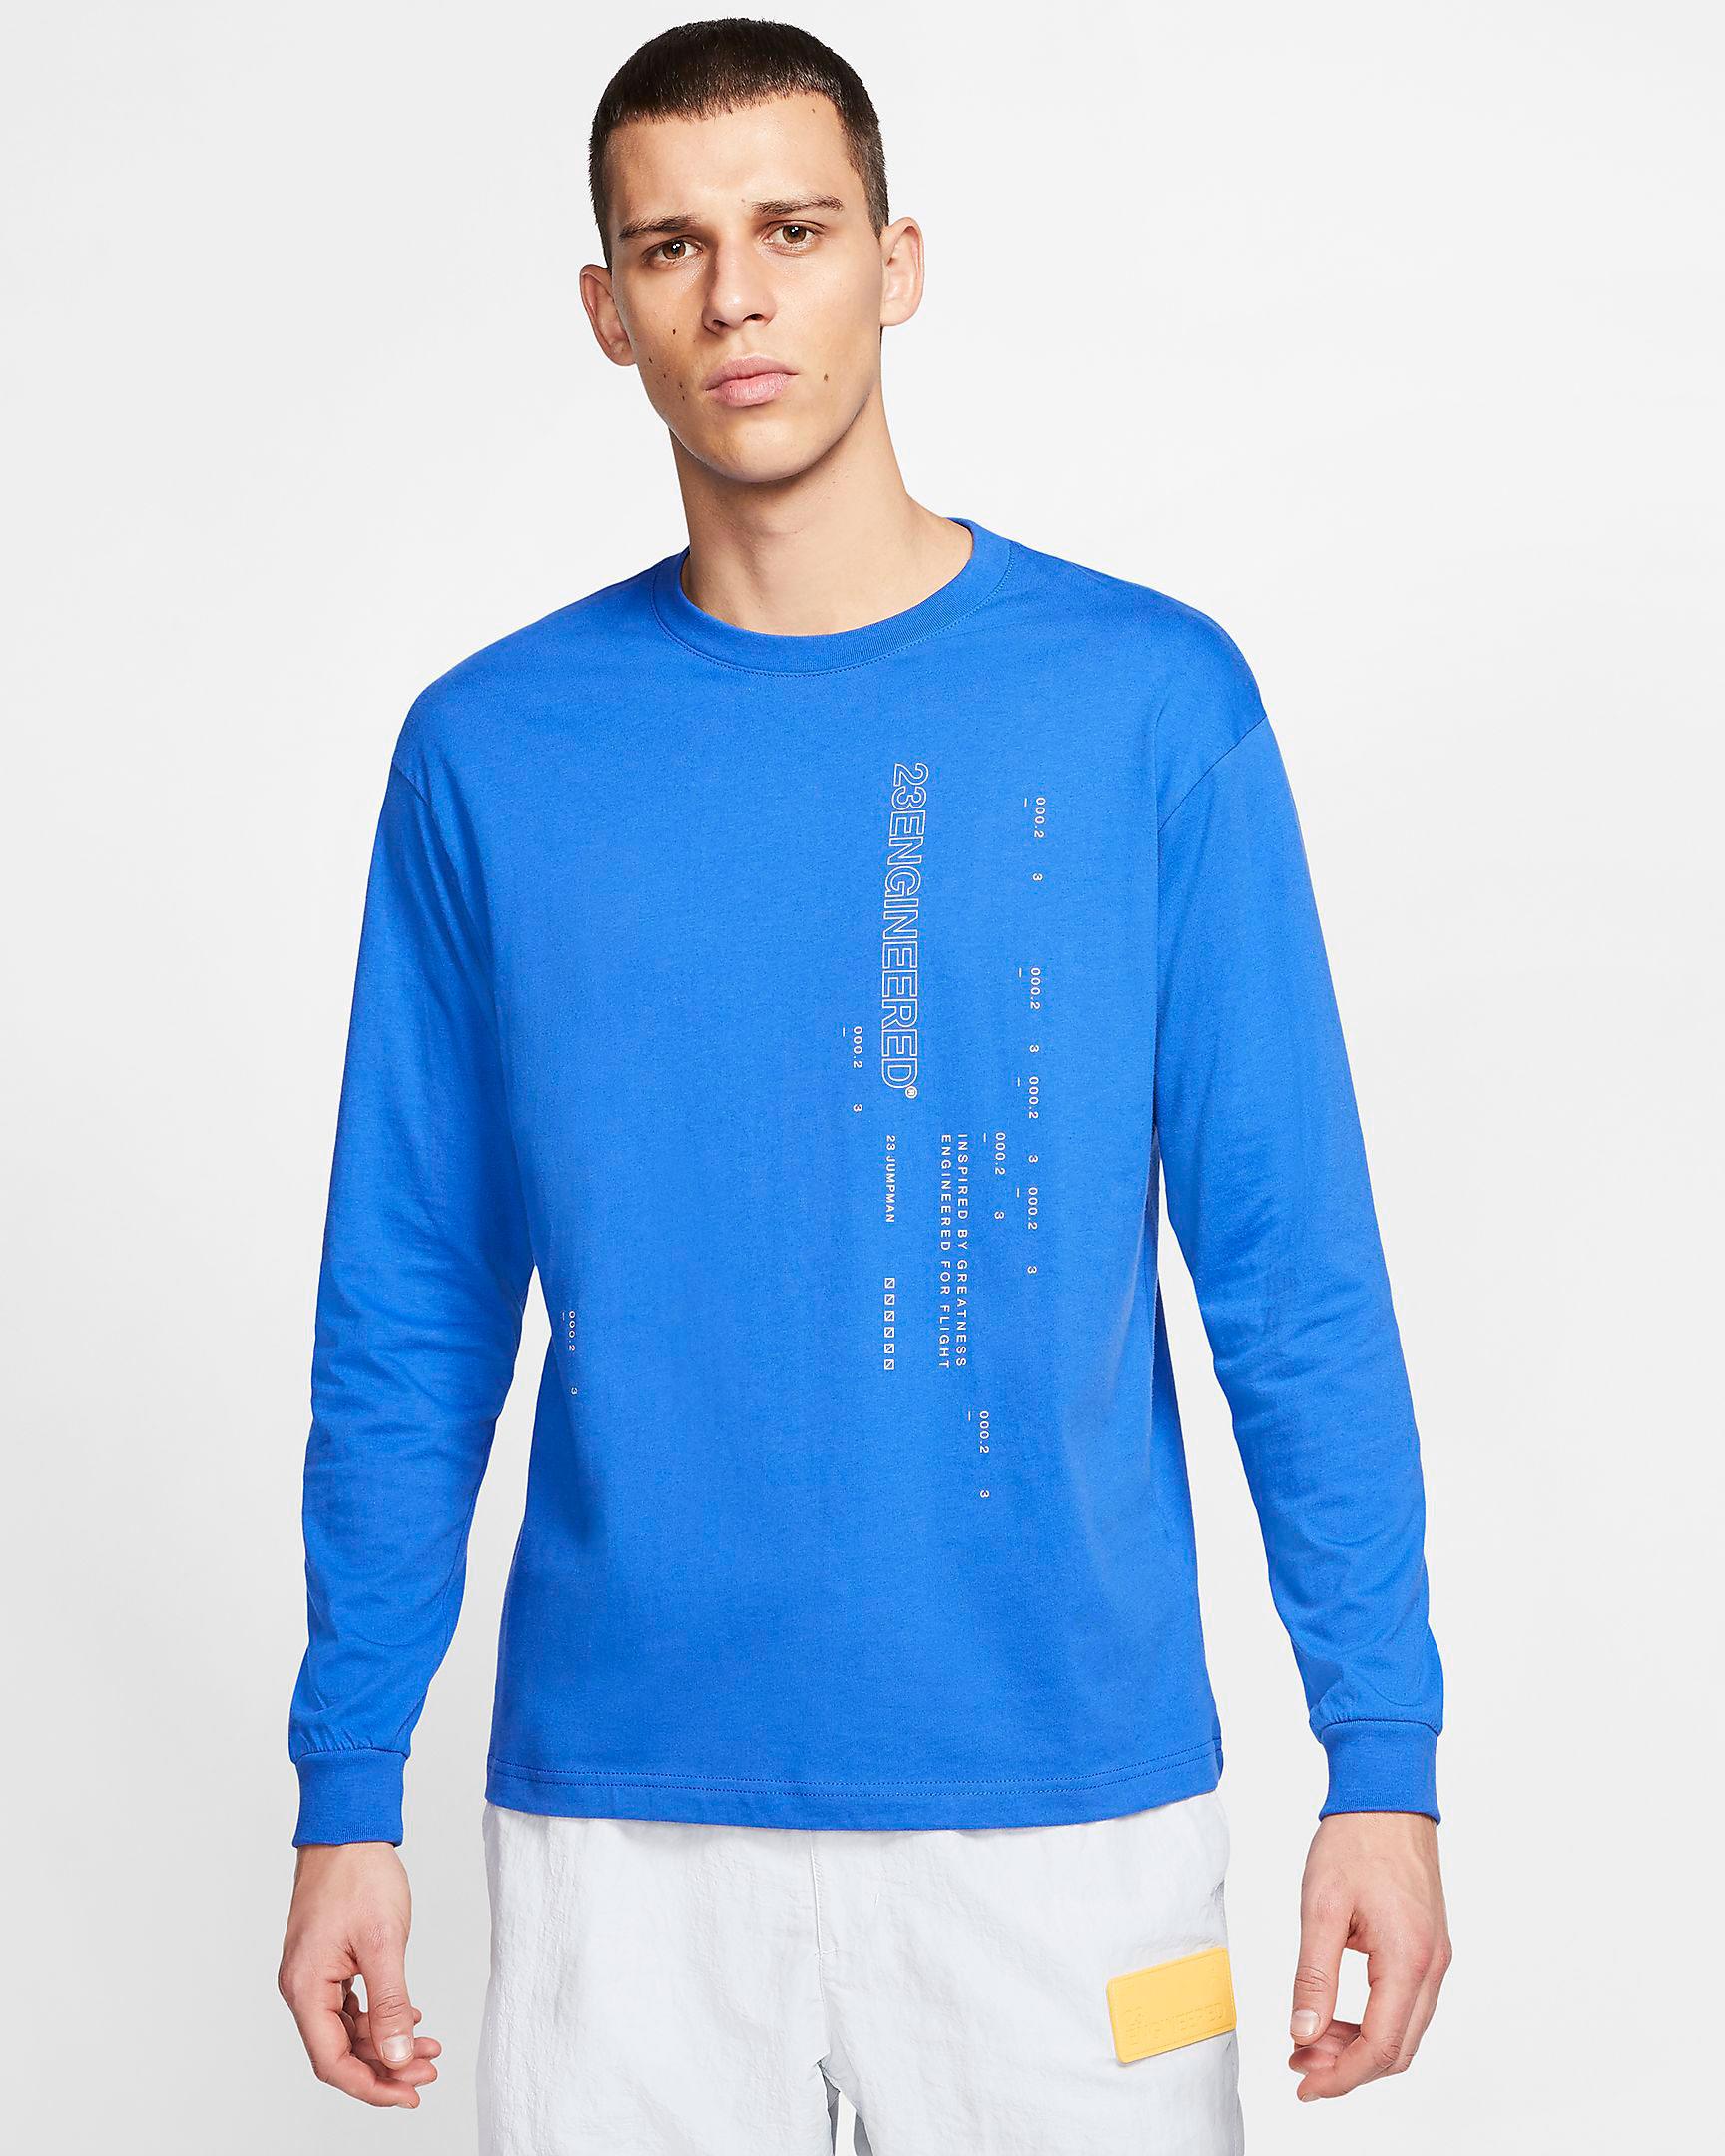 air-jordan-9-racer-blue-shirt-match-1